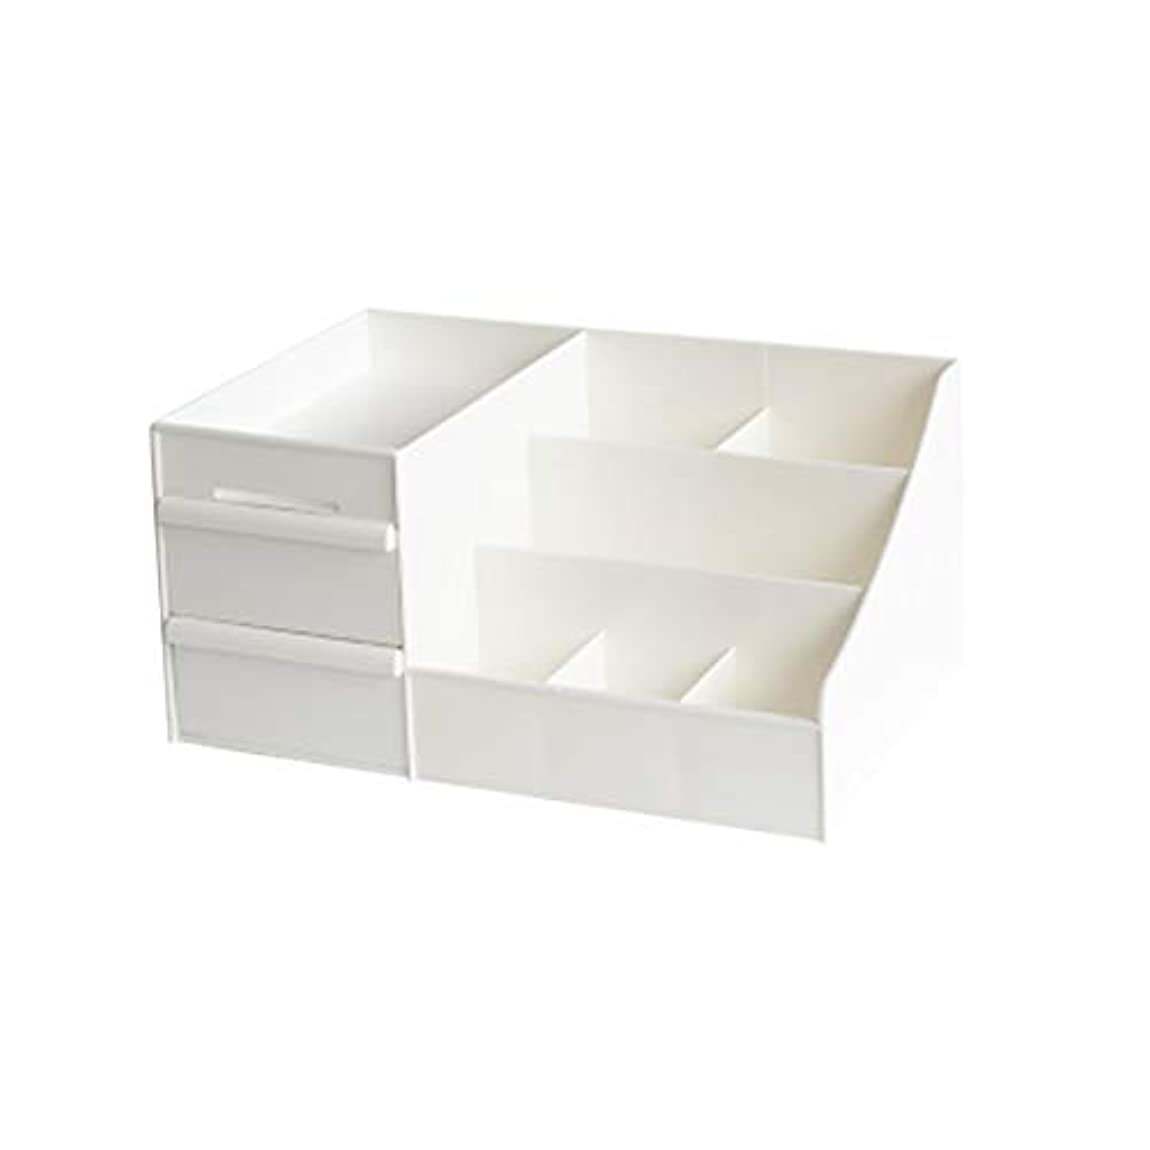 私たち世辞氏[ユリカー] 化粧品収納ボックス コスメボックス 引き出し 卓上収納 安定 メイクボックス シンプル 大容量 小物入れ スキンケア用品 ジュエリーケース 防水 浴室 洗面所 まとめ収納 ホワイトL